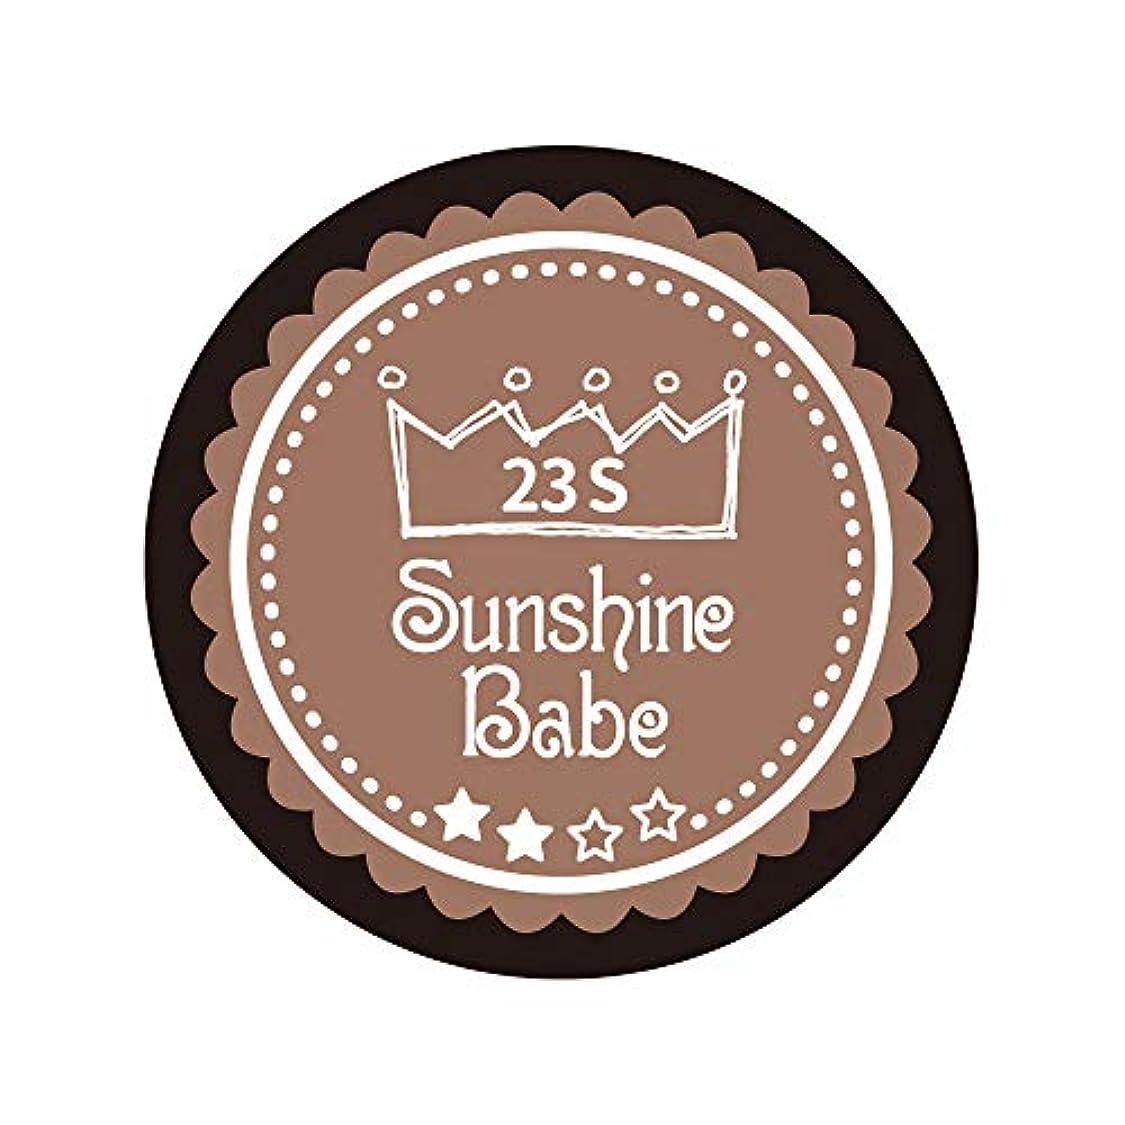 繰り返した壮大な重なるSunshine Babe カラージェル 23S パティキュリエール 2.7g UV/LED対応